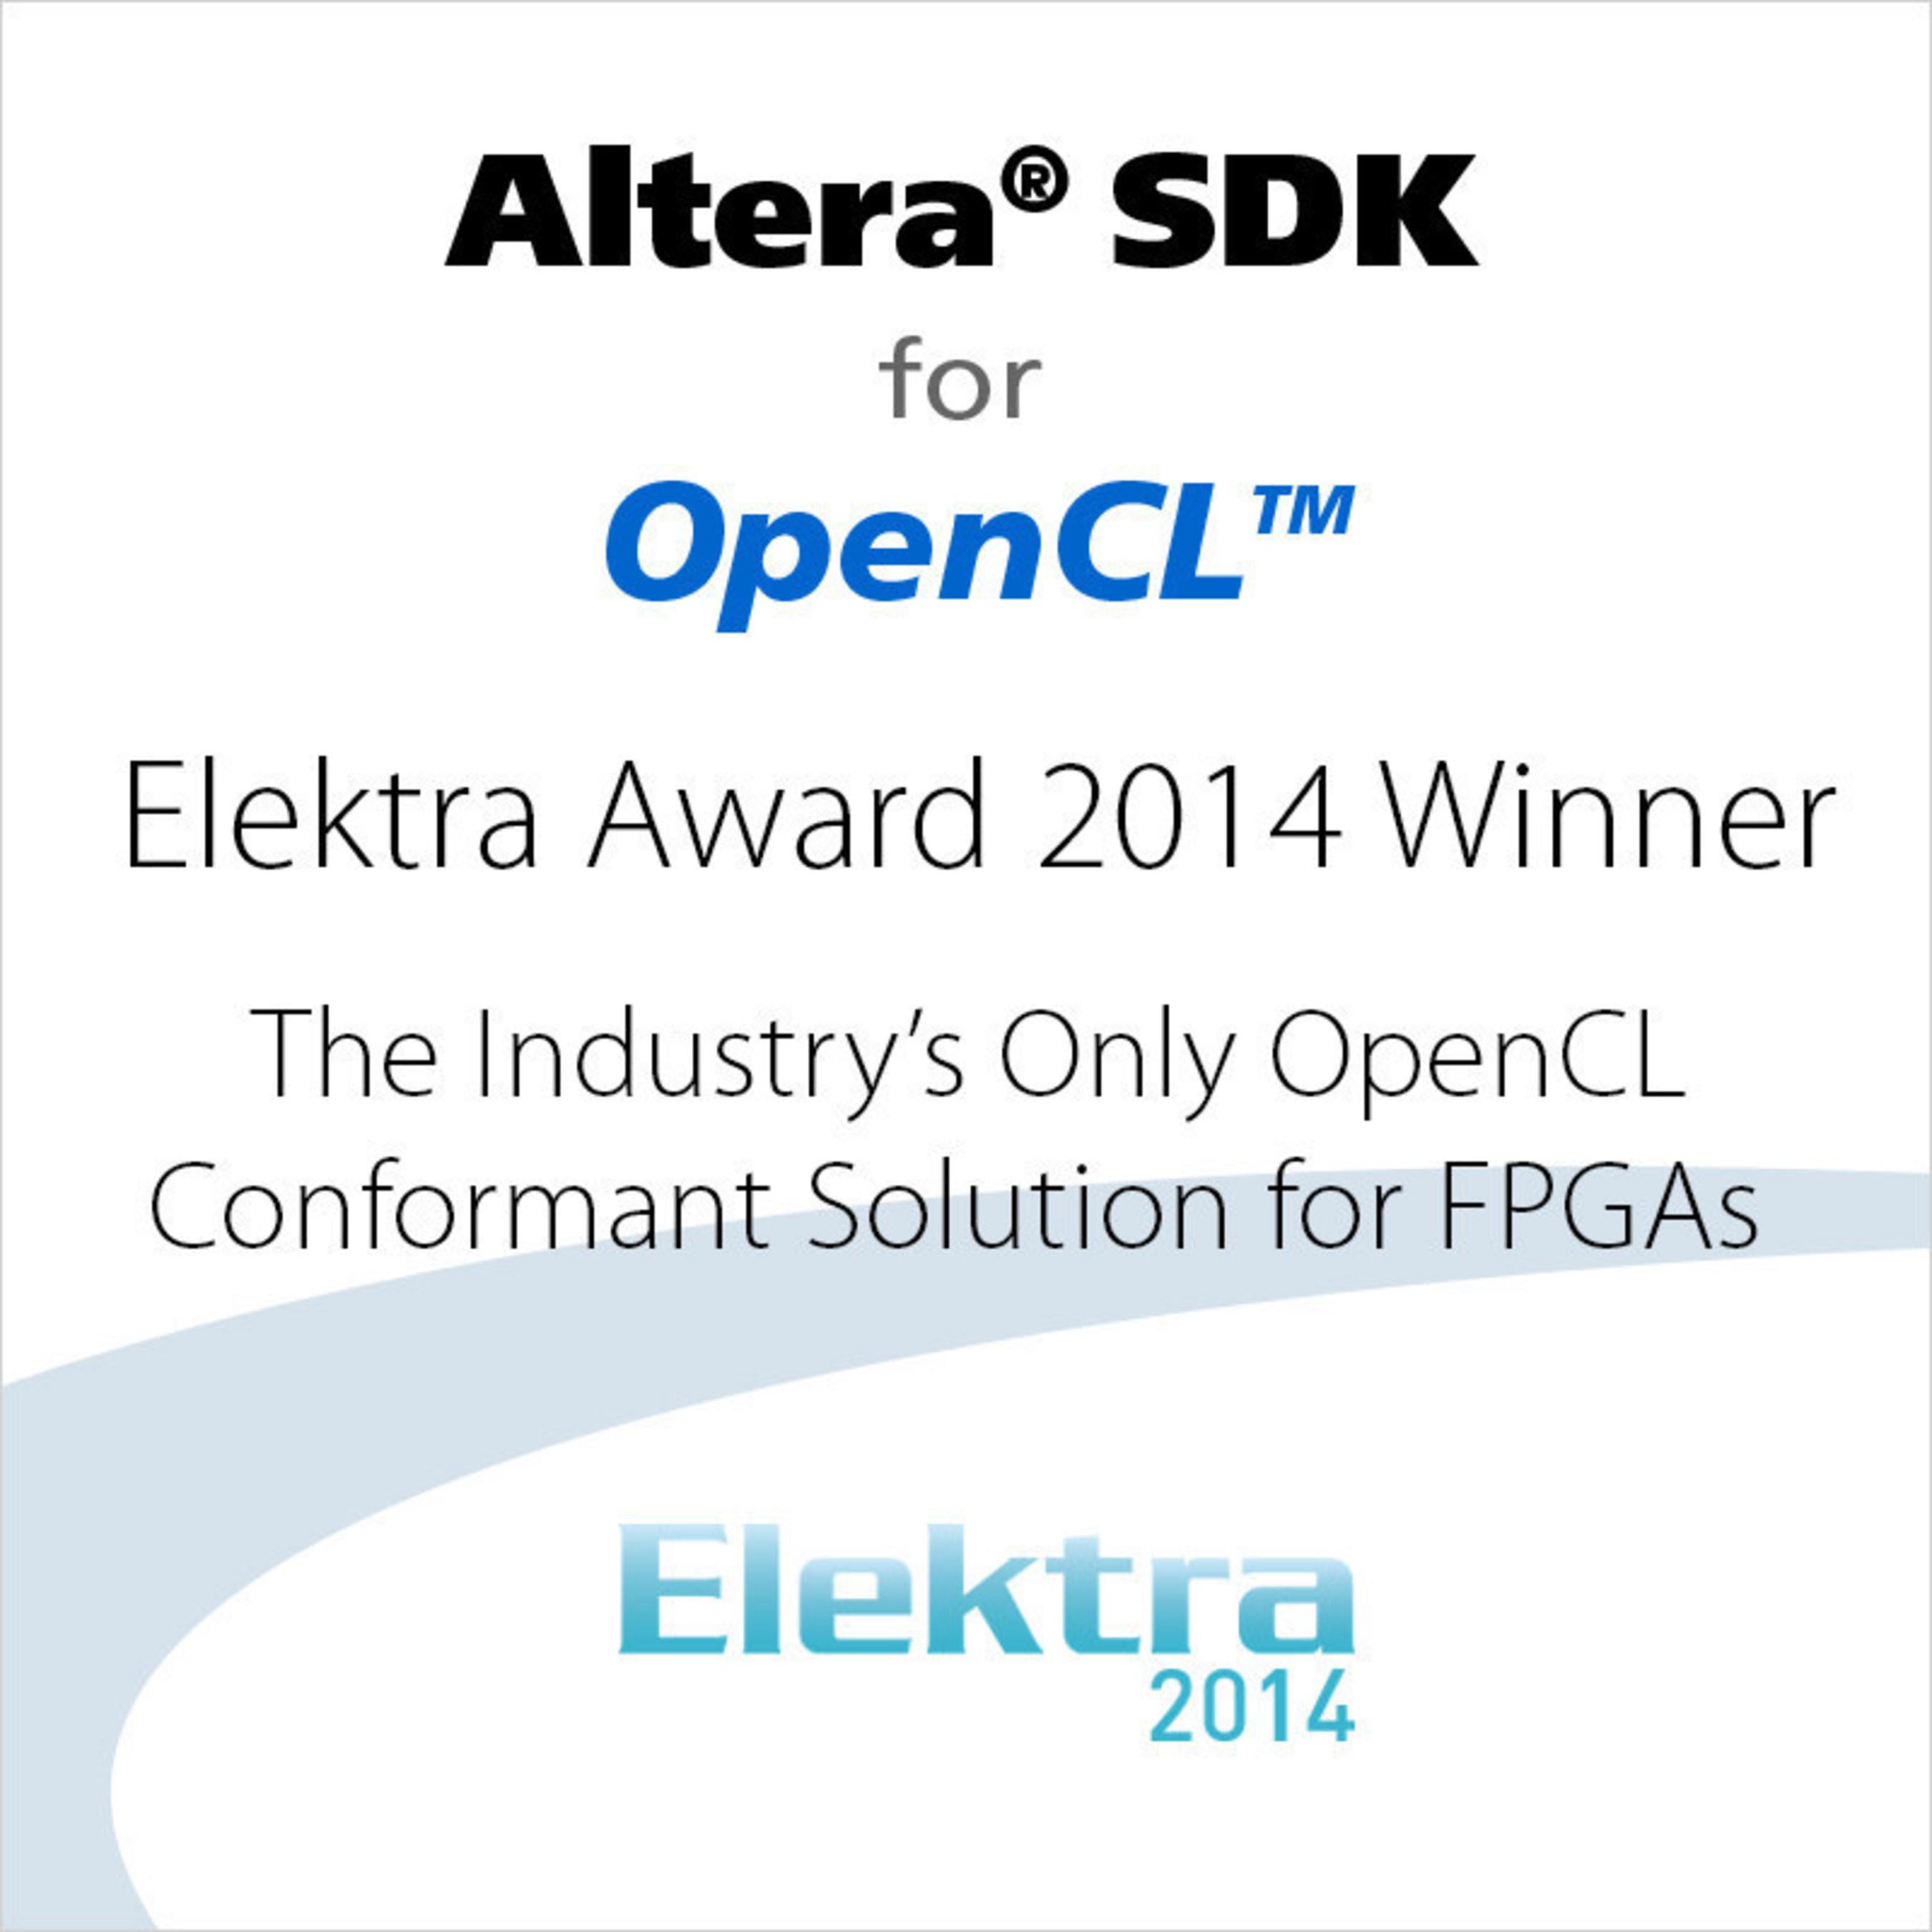 Elektra Award 2014 Winner